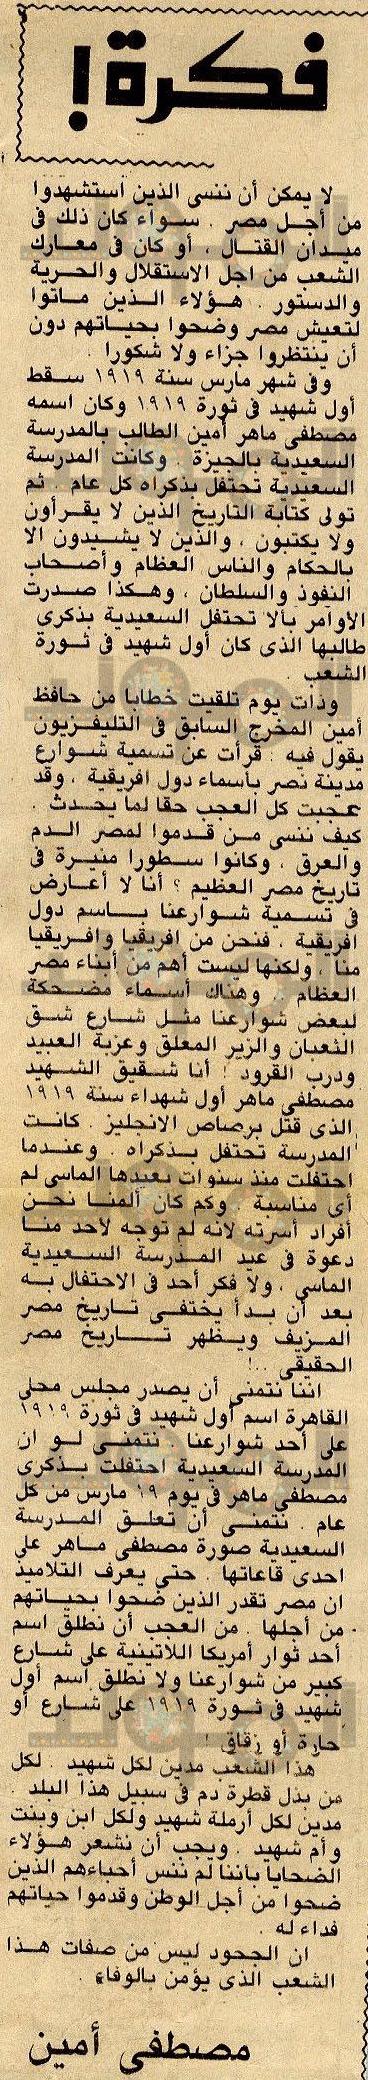 عامود فكرة لـ مصطفى أمين عدد الأخبار يوم 25 مارس سنة 1986 م